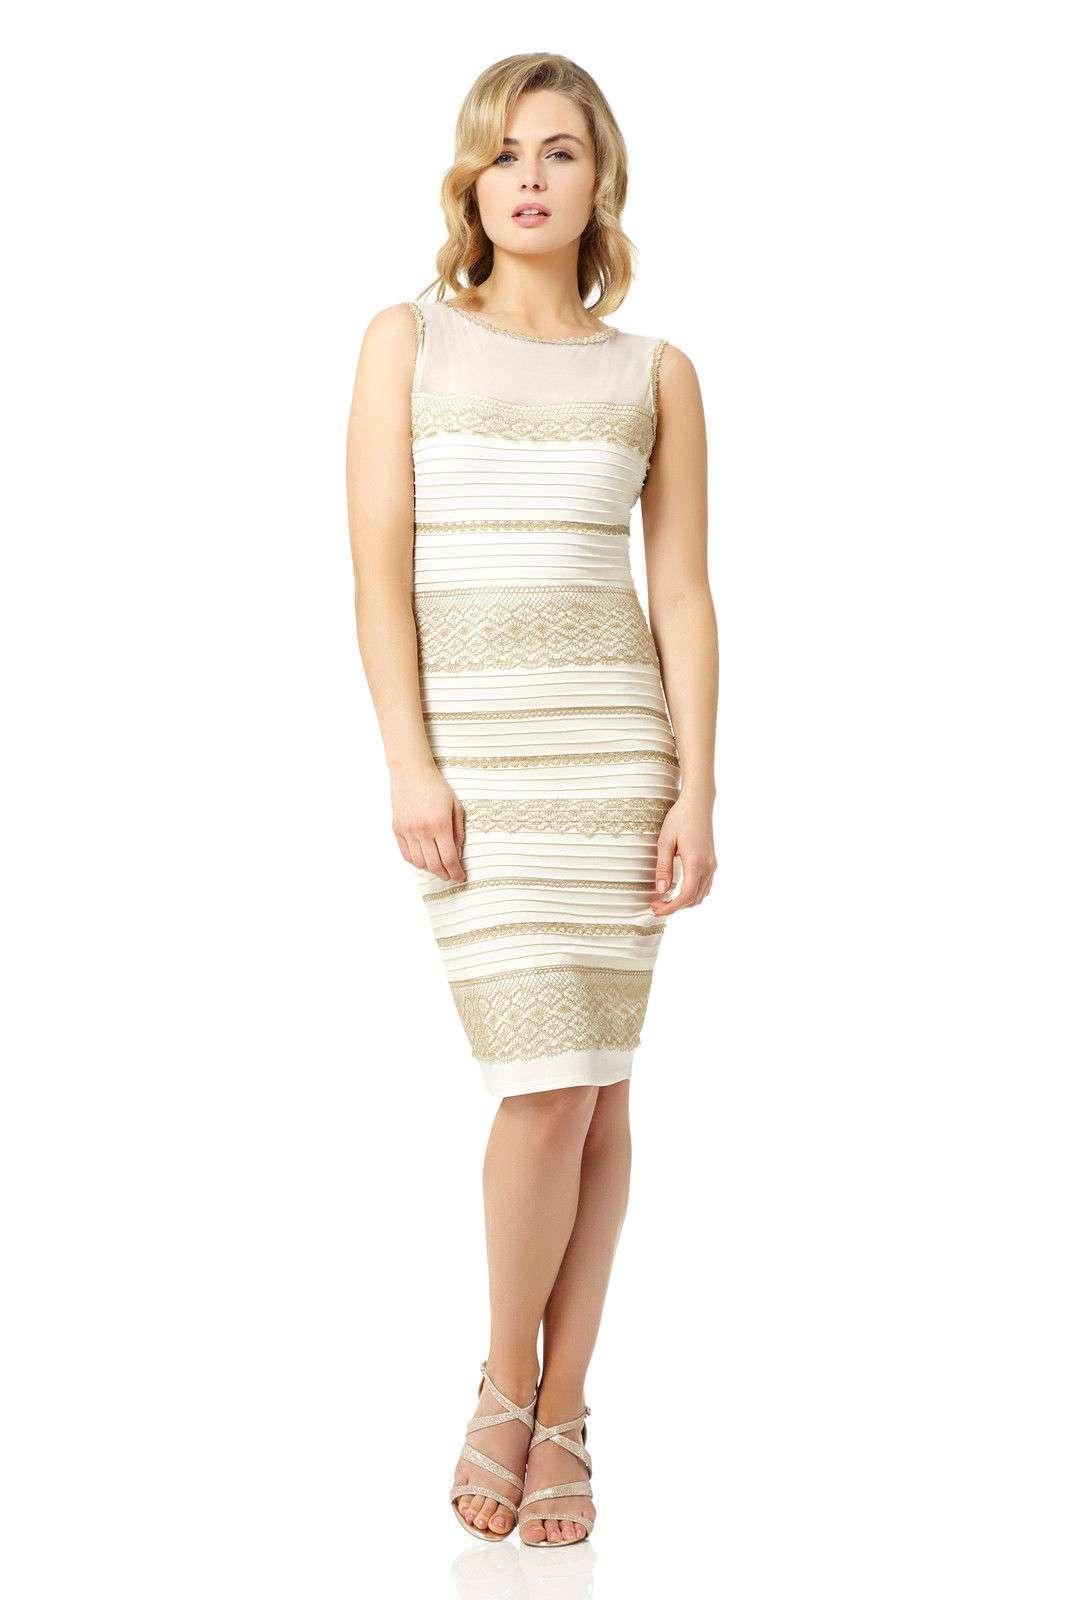 Vestido branco e dourado vai a leilão na internet Foto: Divulgação